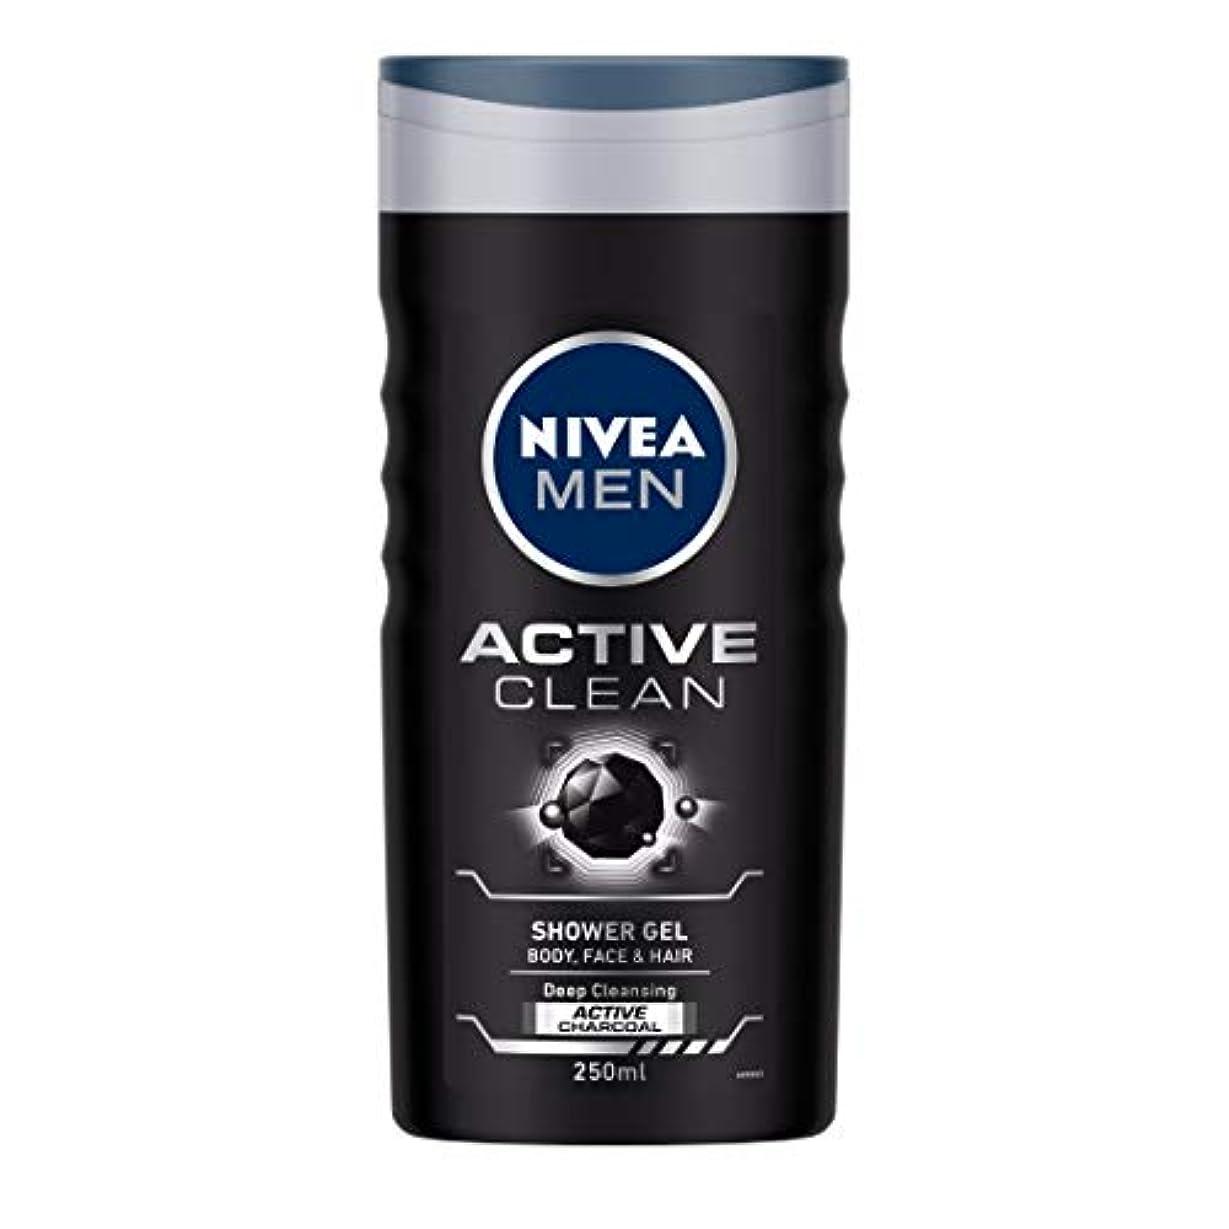 くしゃみ名詞有限Nivea Men Active Clean Shower Gel, 250ml